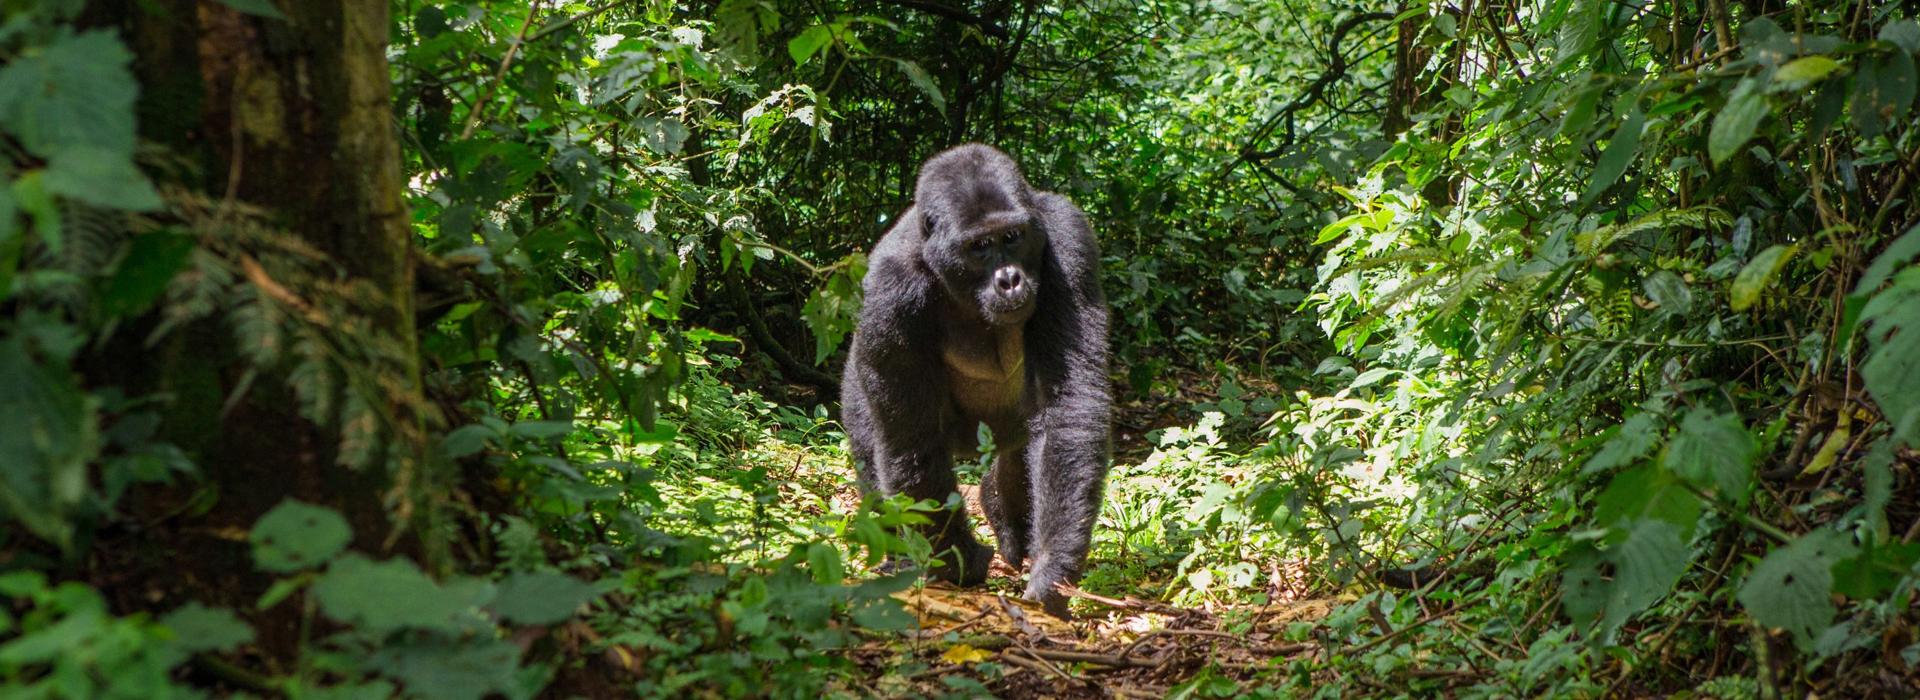 4 Days Rwanda Chimpanzee Trekking